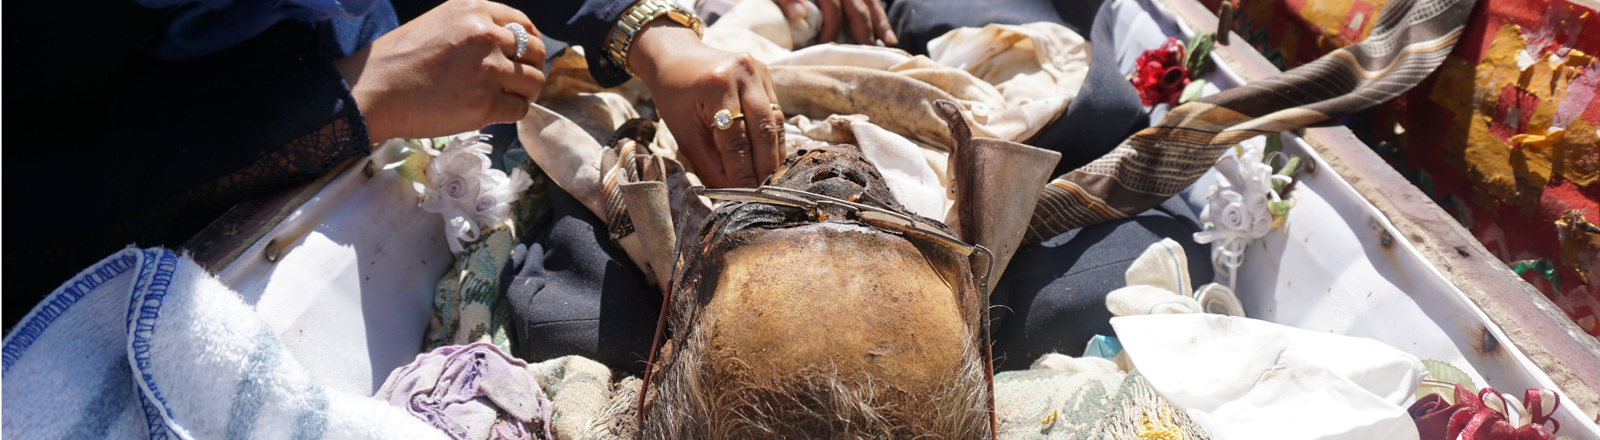 Die Angehörigen legen den frisch eingekleideten Toten wieder in den Sarg und legen im kostbare Grabbeilagen in den Sarg.